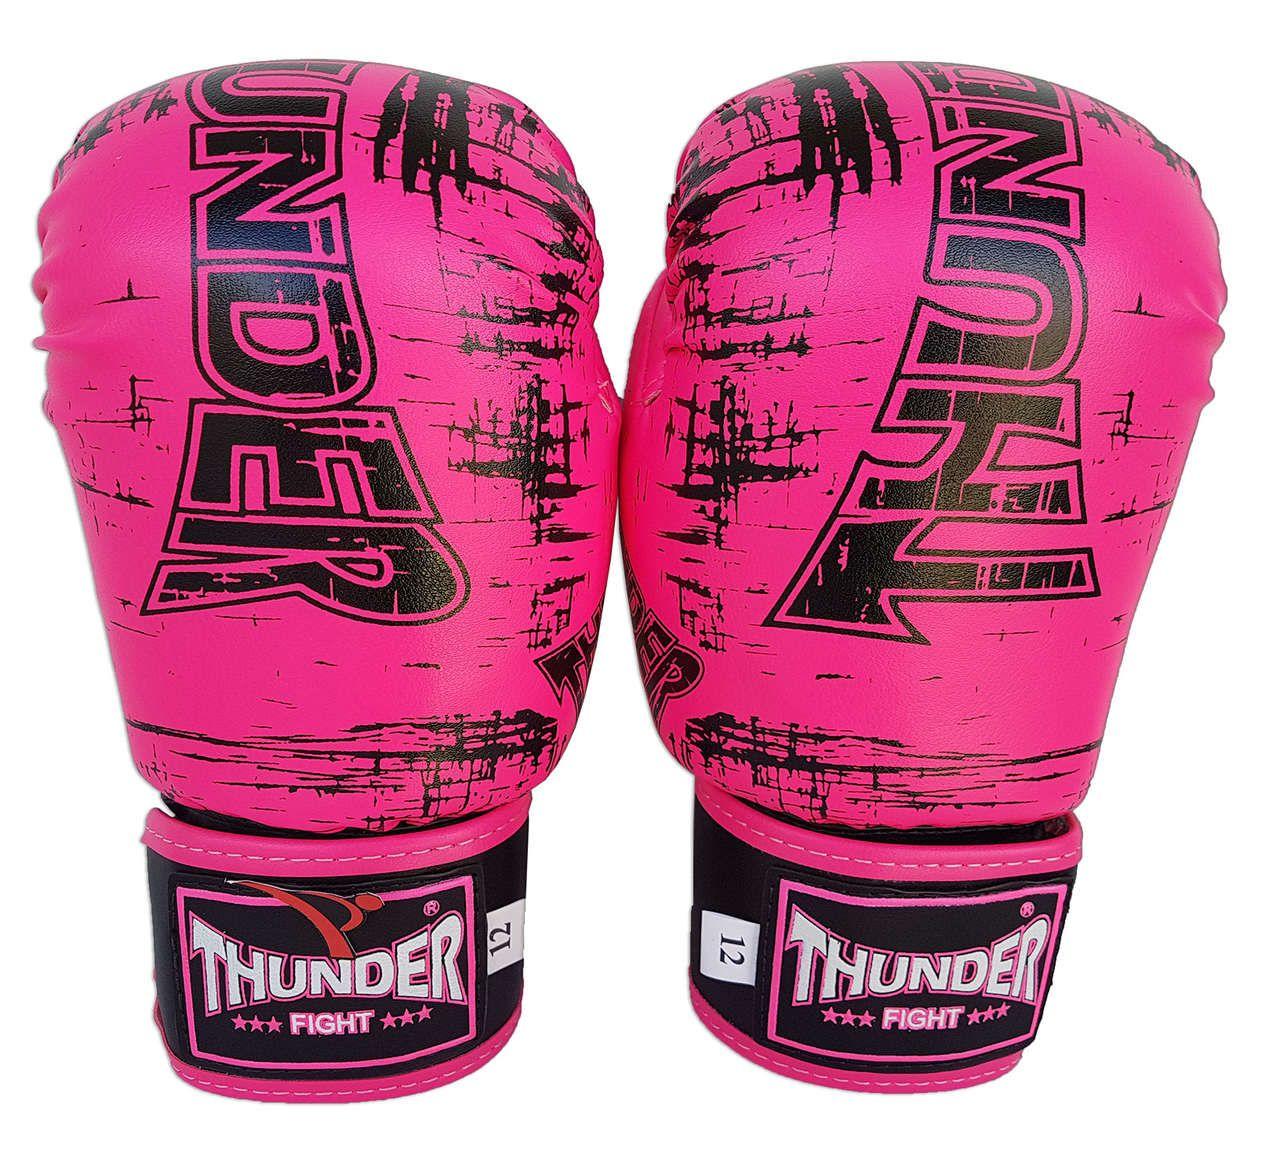 Kit de Muay Thai / Kickboxing Feminino 12oz - Rosa - Thunder Fight  - PRALUTA SHOP